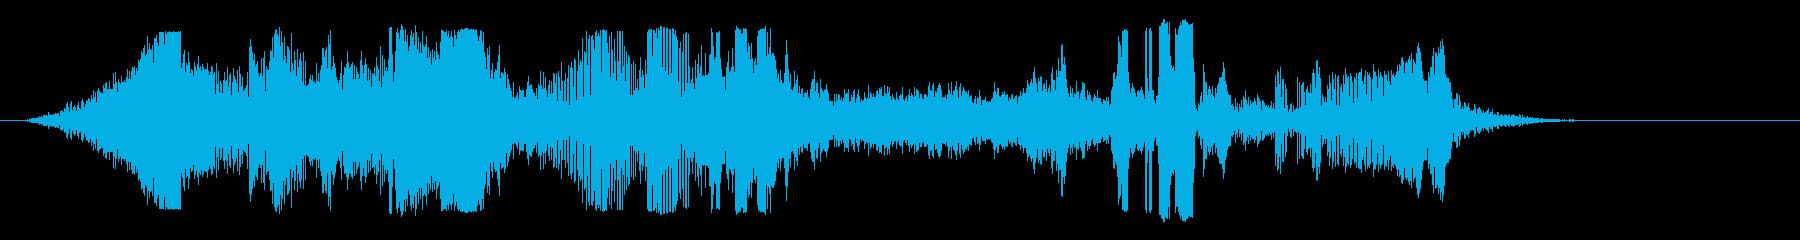 オートバイモトクロス; 250 C...の再生済みの波形